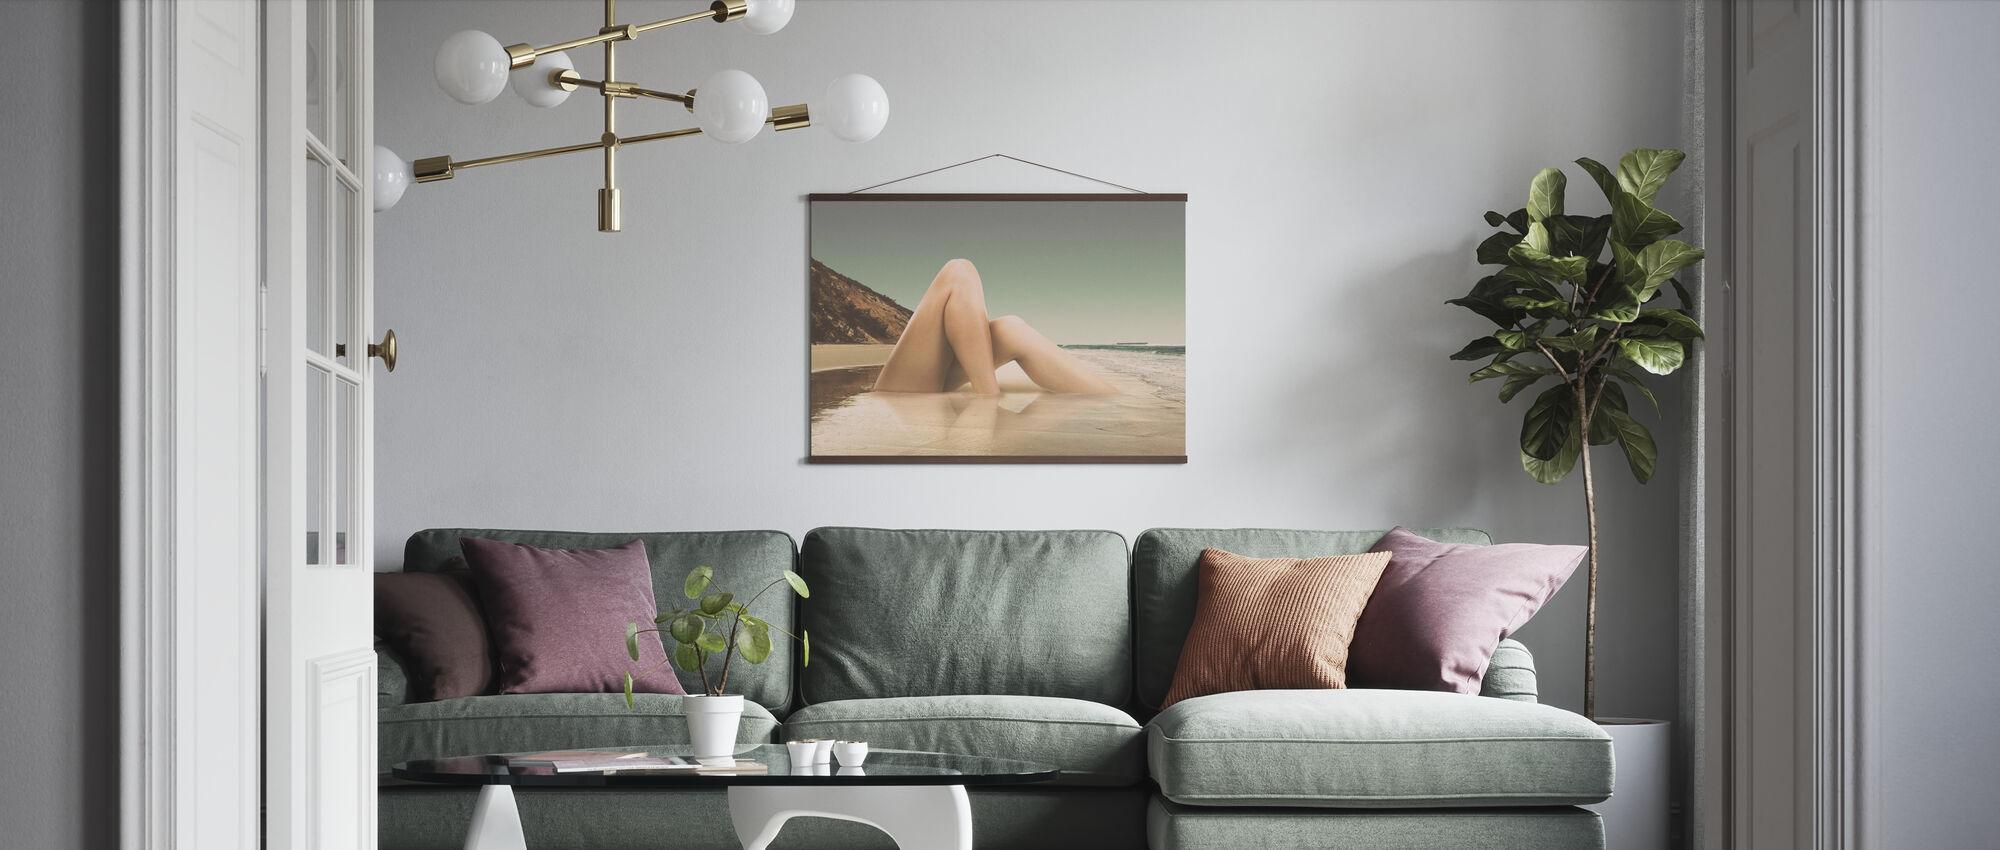 Bein2 - Poster - Wohnzimmer